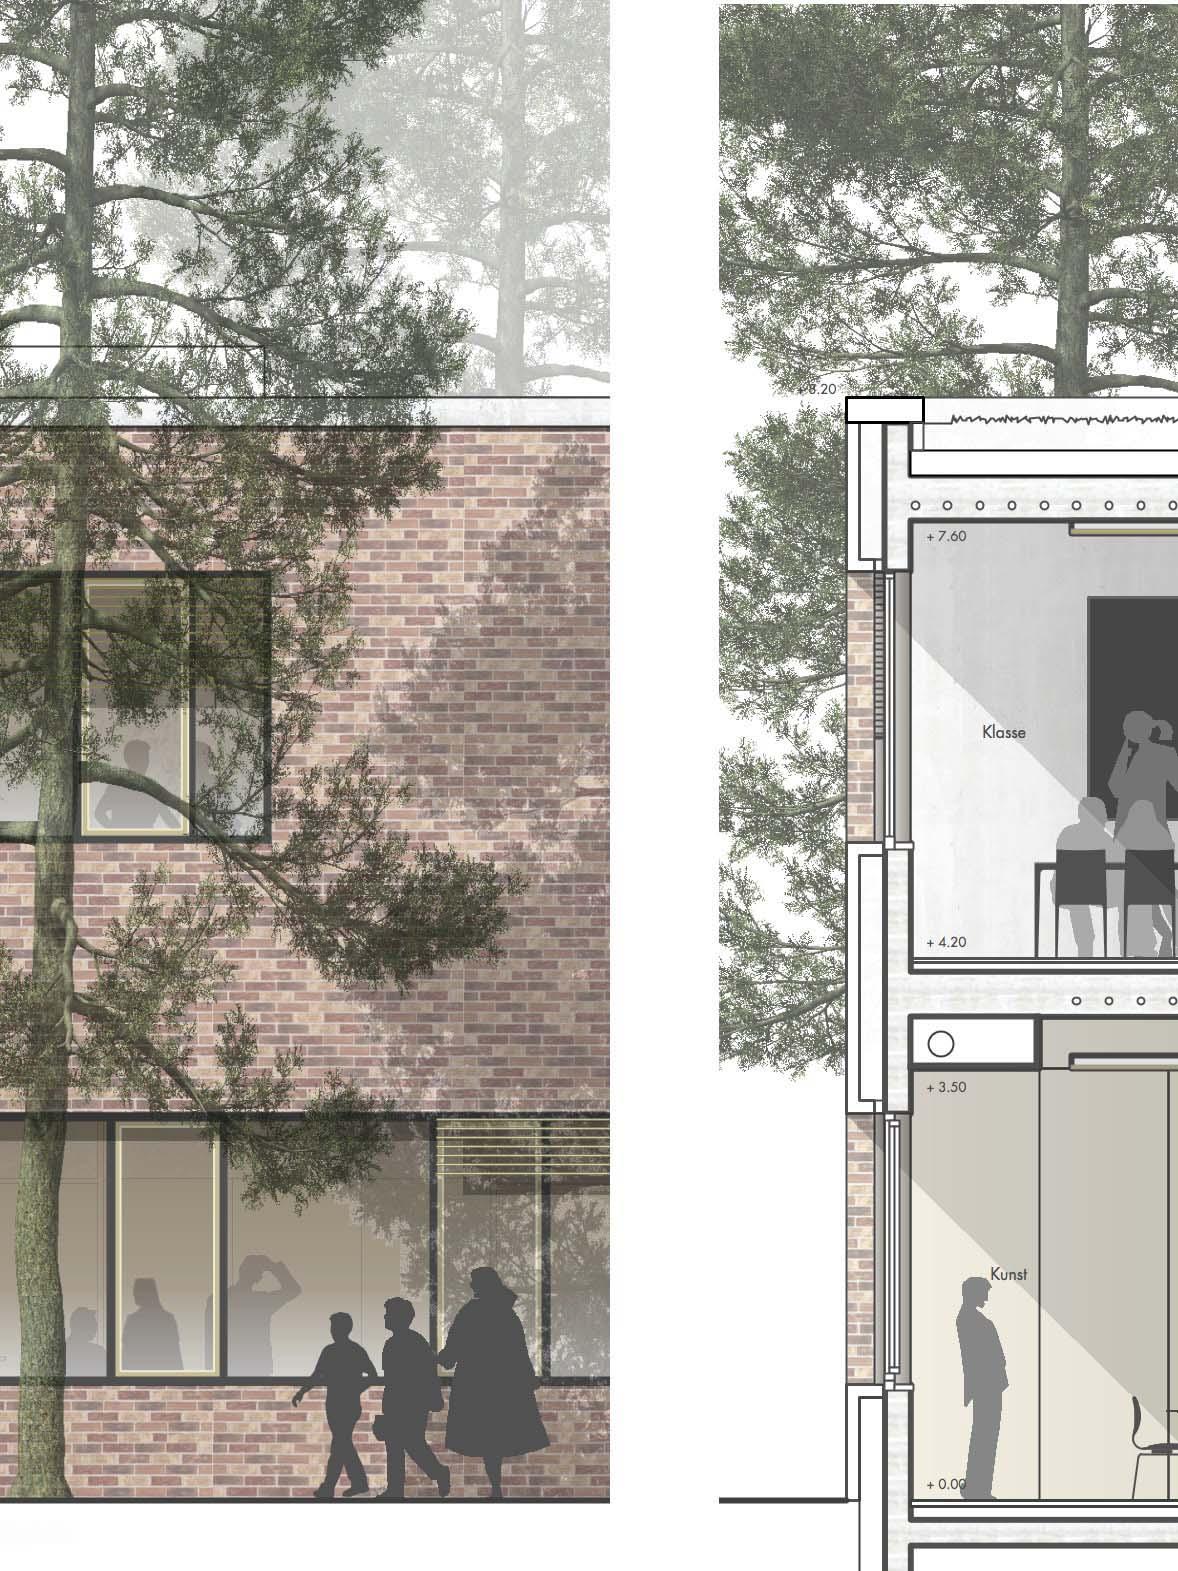 Detail-Wettbewerb-Bildungscampus-Loecknitz-Anerkennung-2016-© Friedrich-Poerschke-Zwink-Architekten